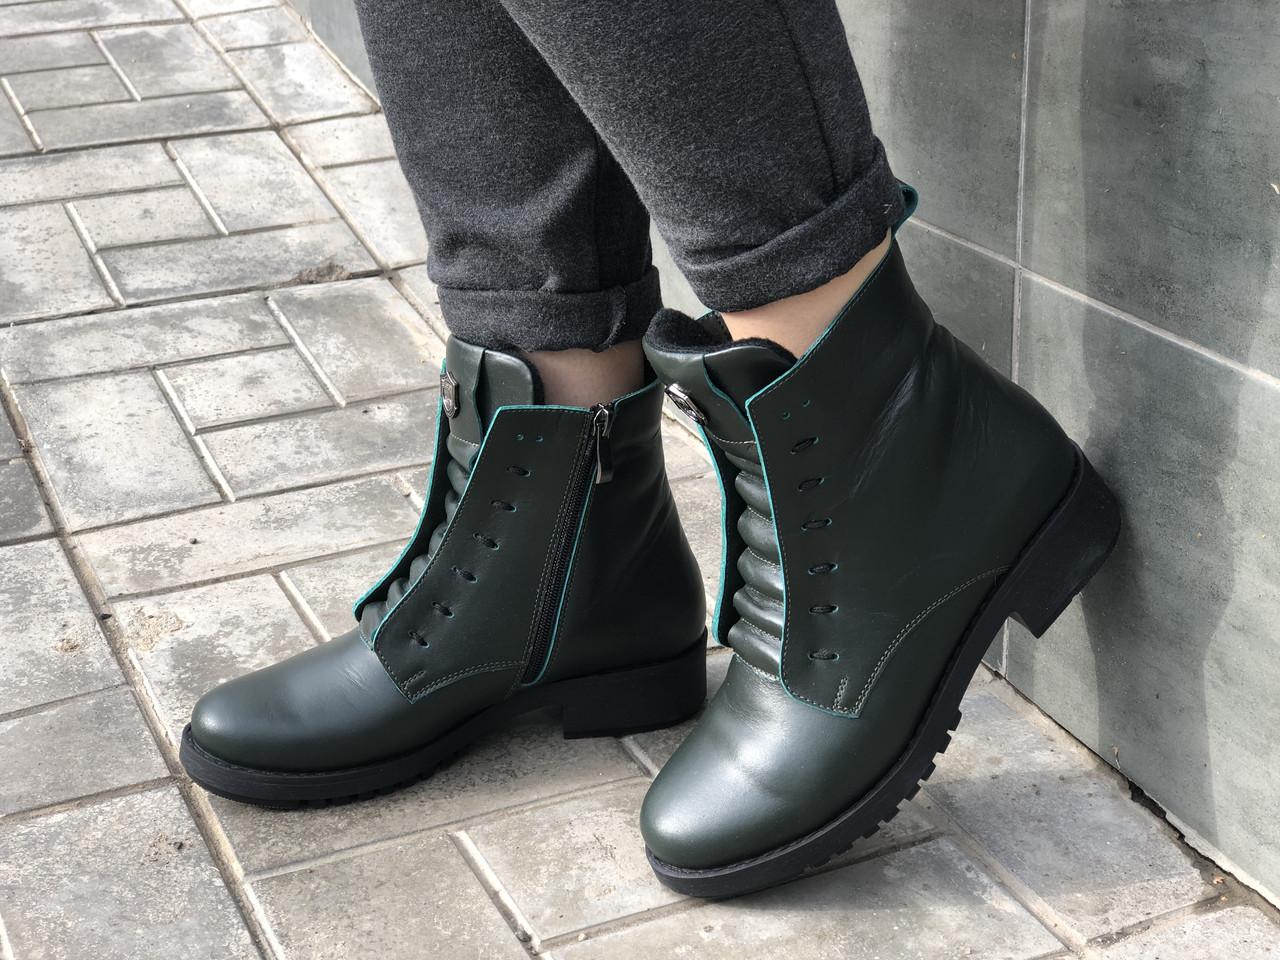 Кожаные Женские ботинки кожа Alexander 1040 зел размеры 36,37,38,39,40